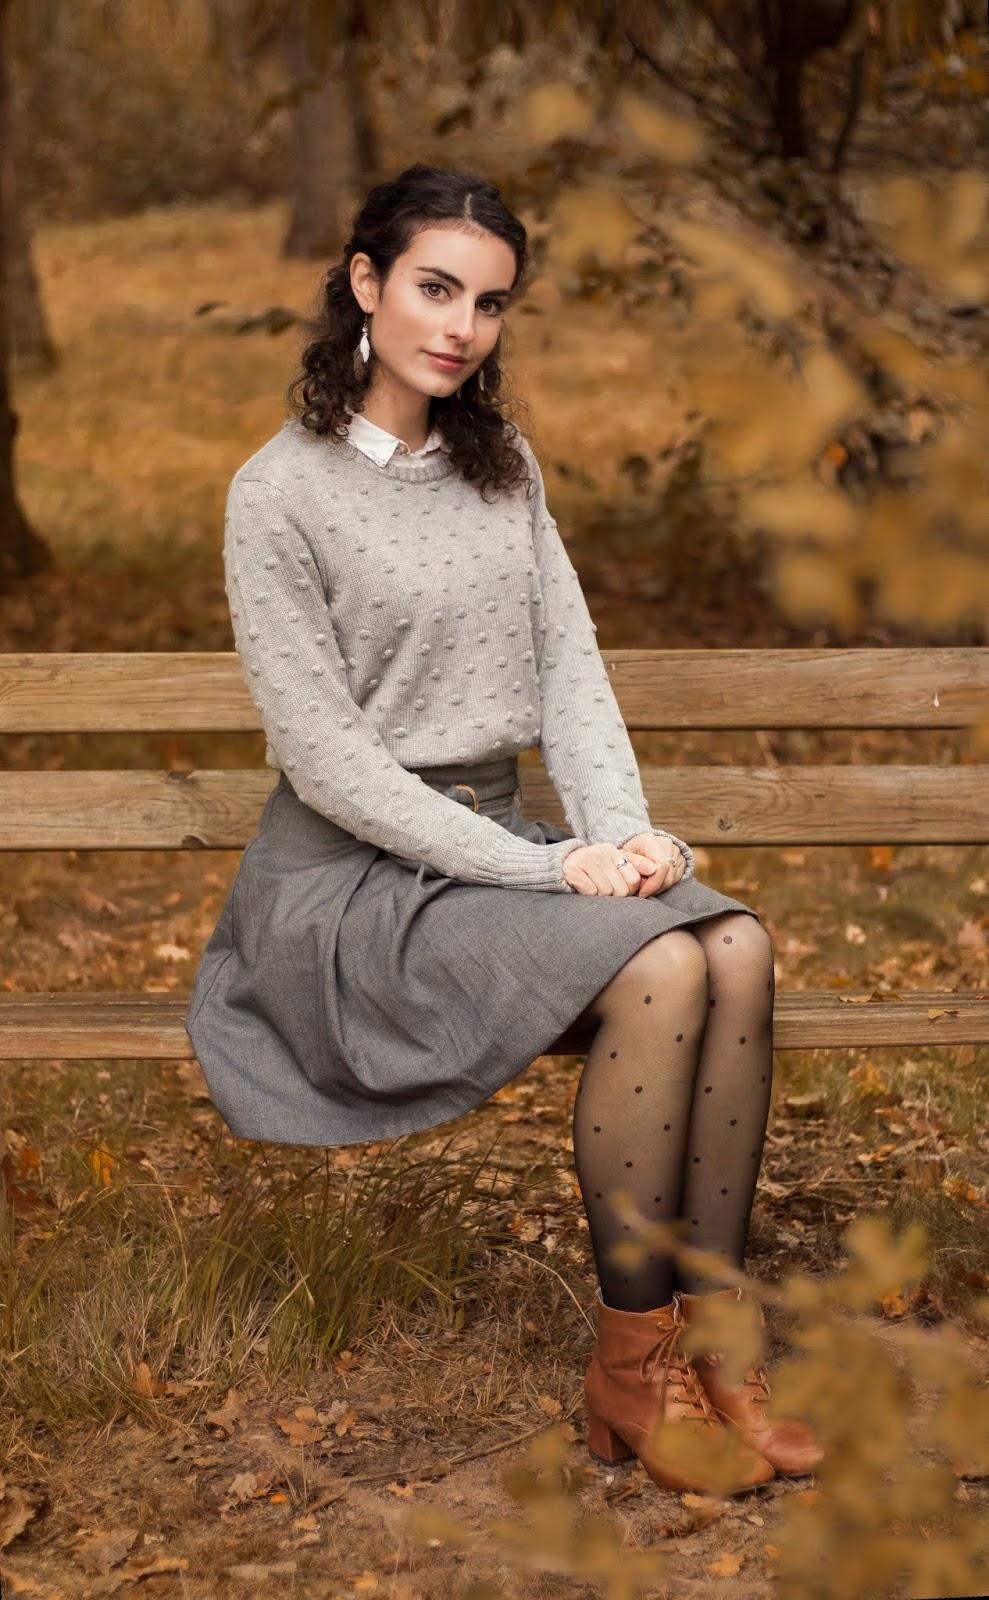 Pull gris et chemise, jupe patineuse grise, collants à pois et bottines